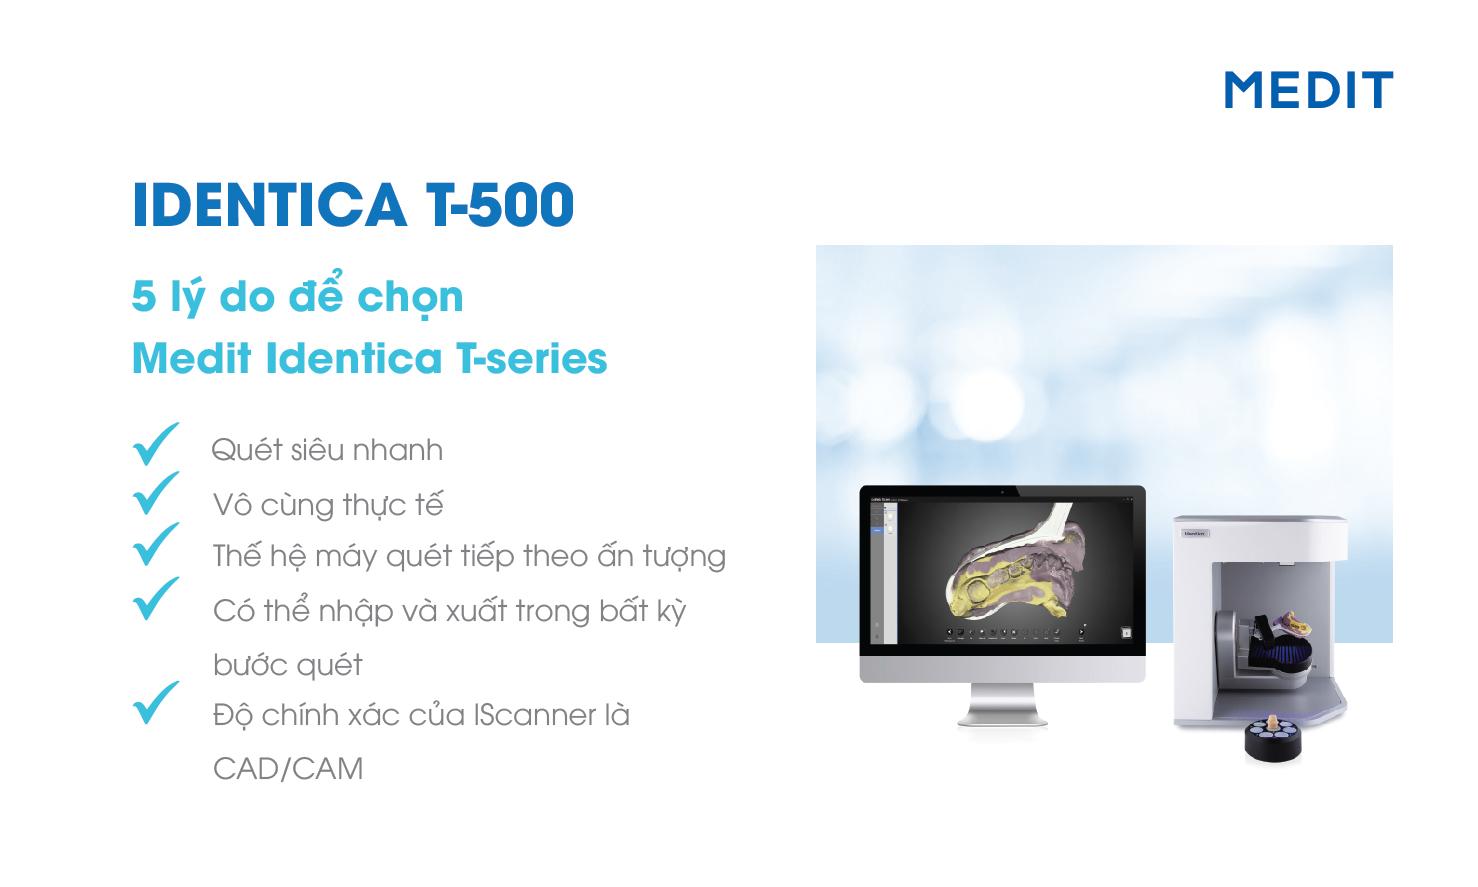 Identica T-500